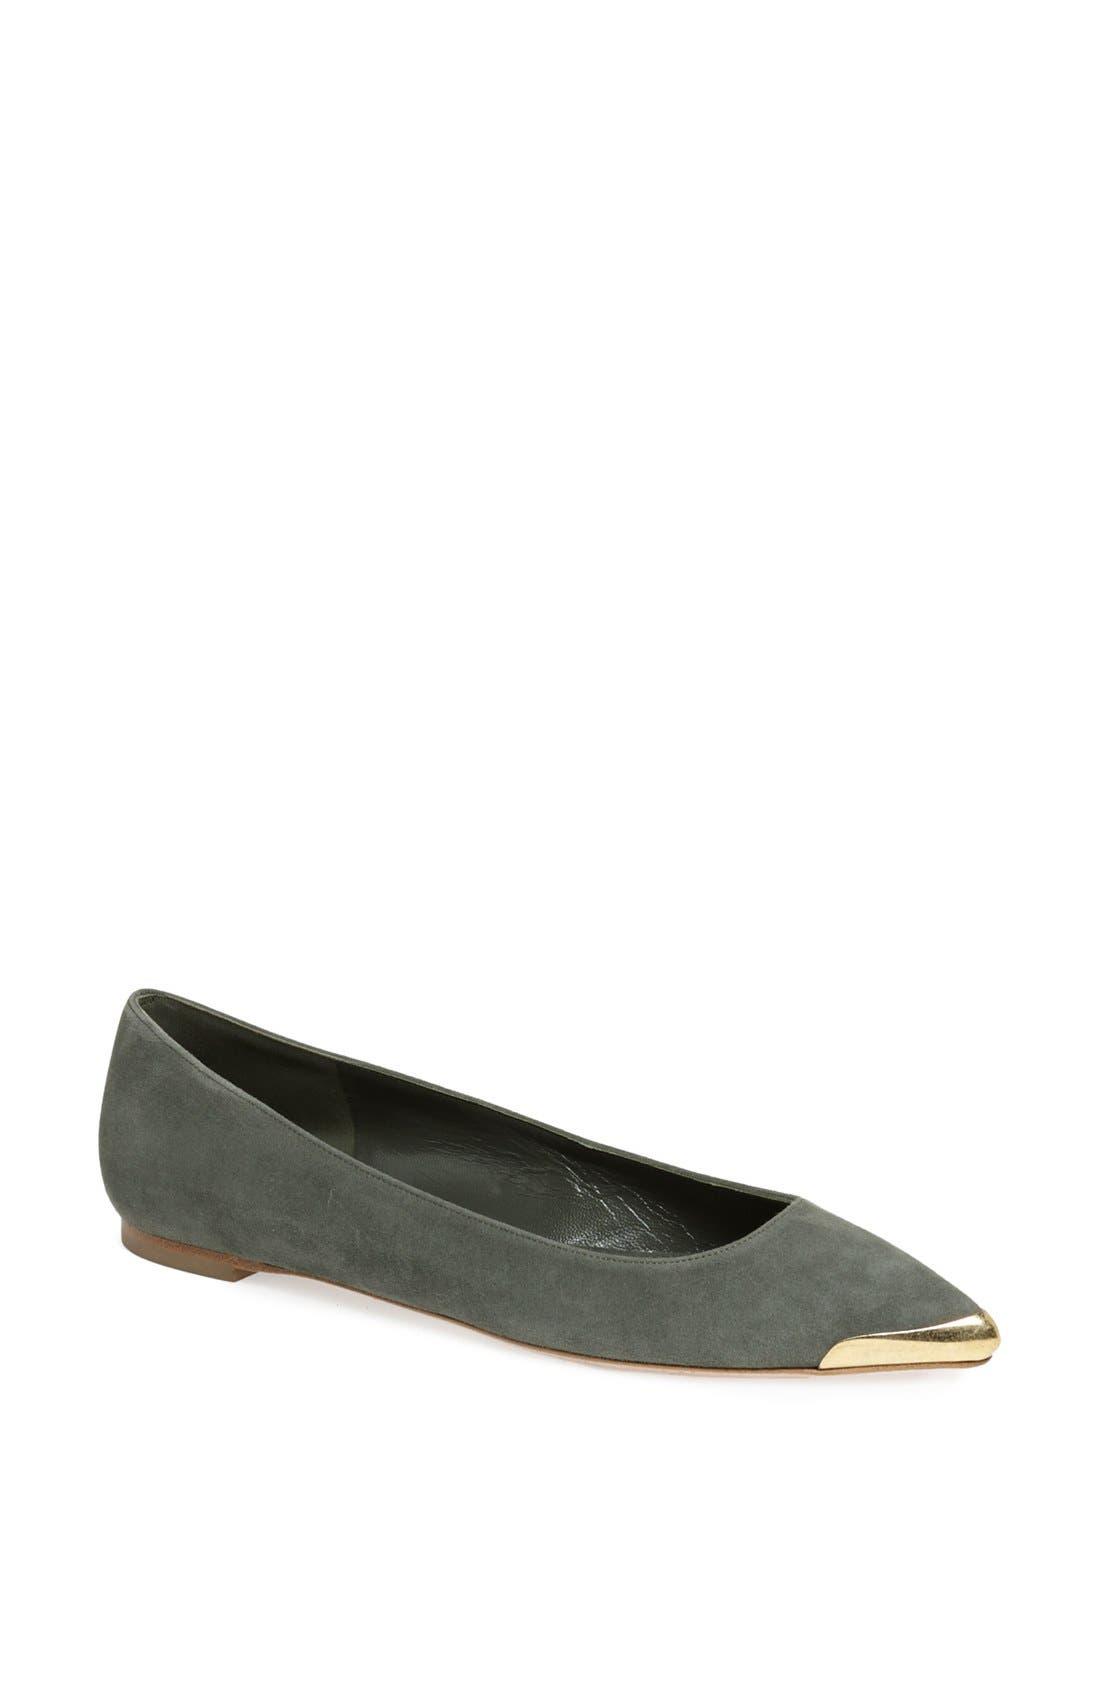 Alternate Image 1 Selected - Alexander McQueen Metal Toe Ballet Flat